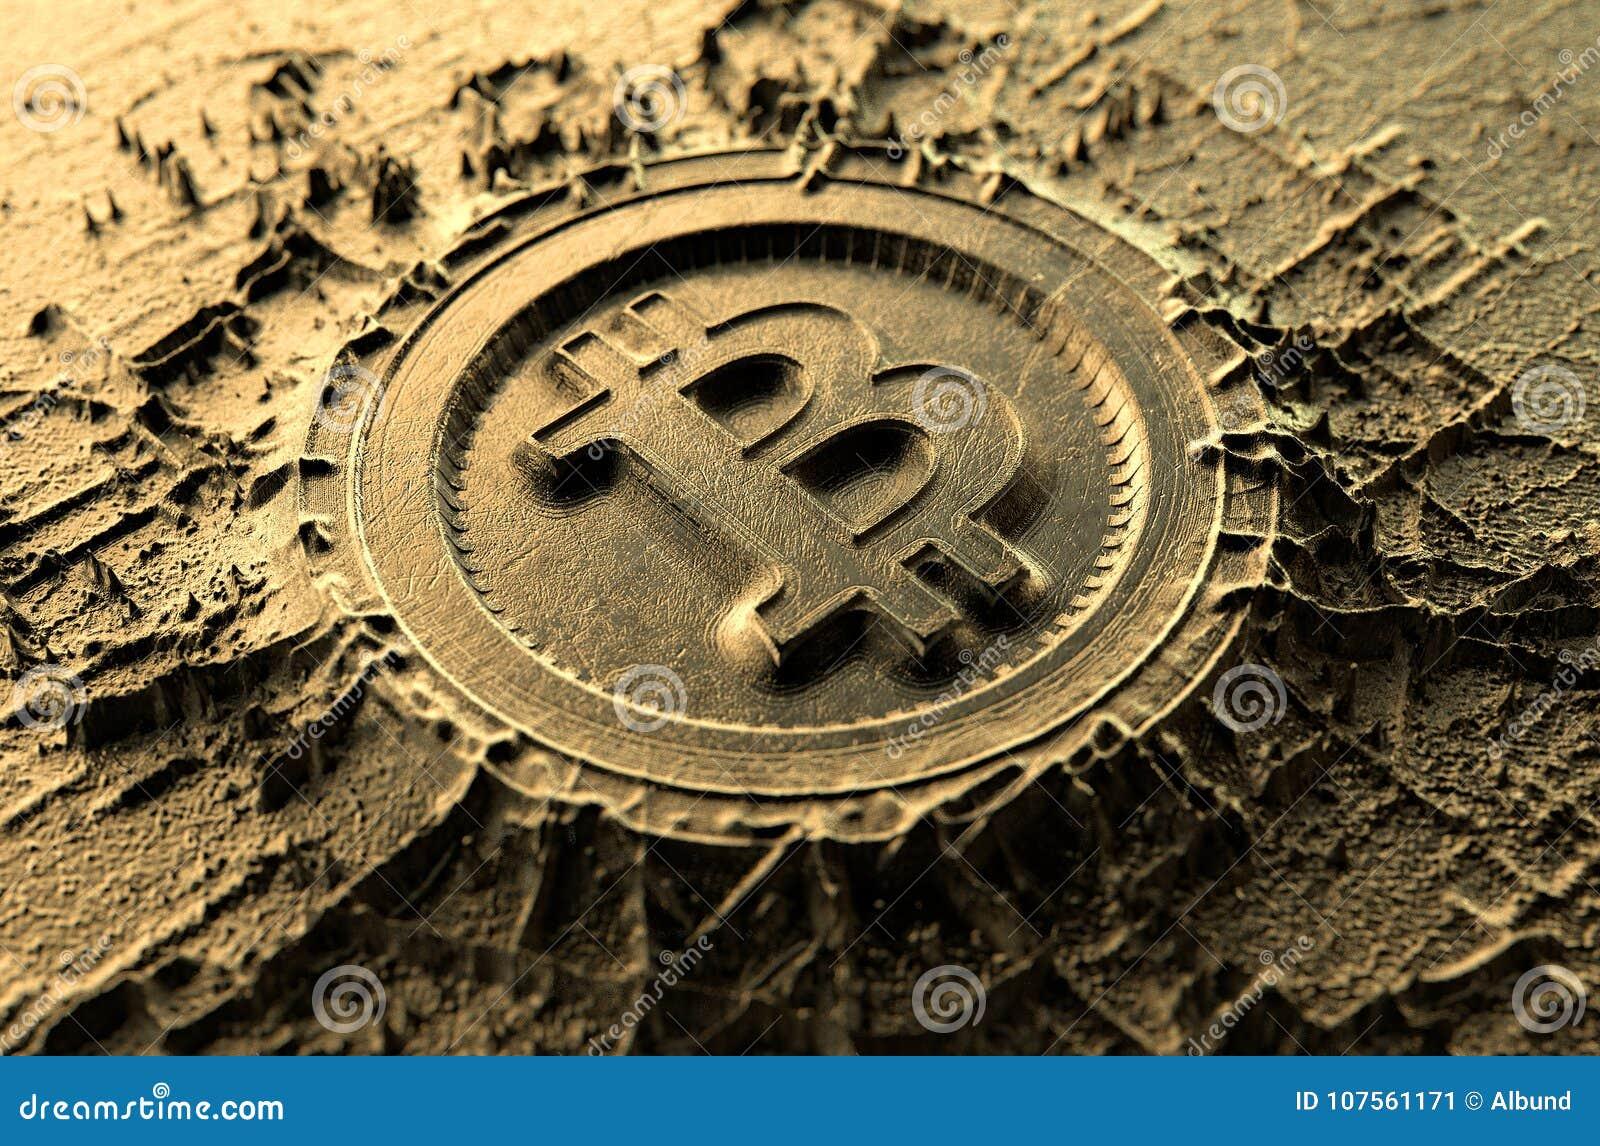 site de câștig bitcoin